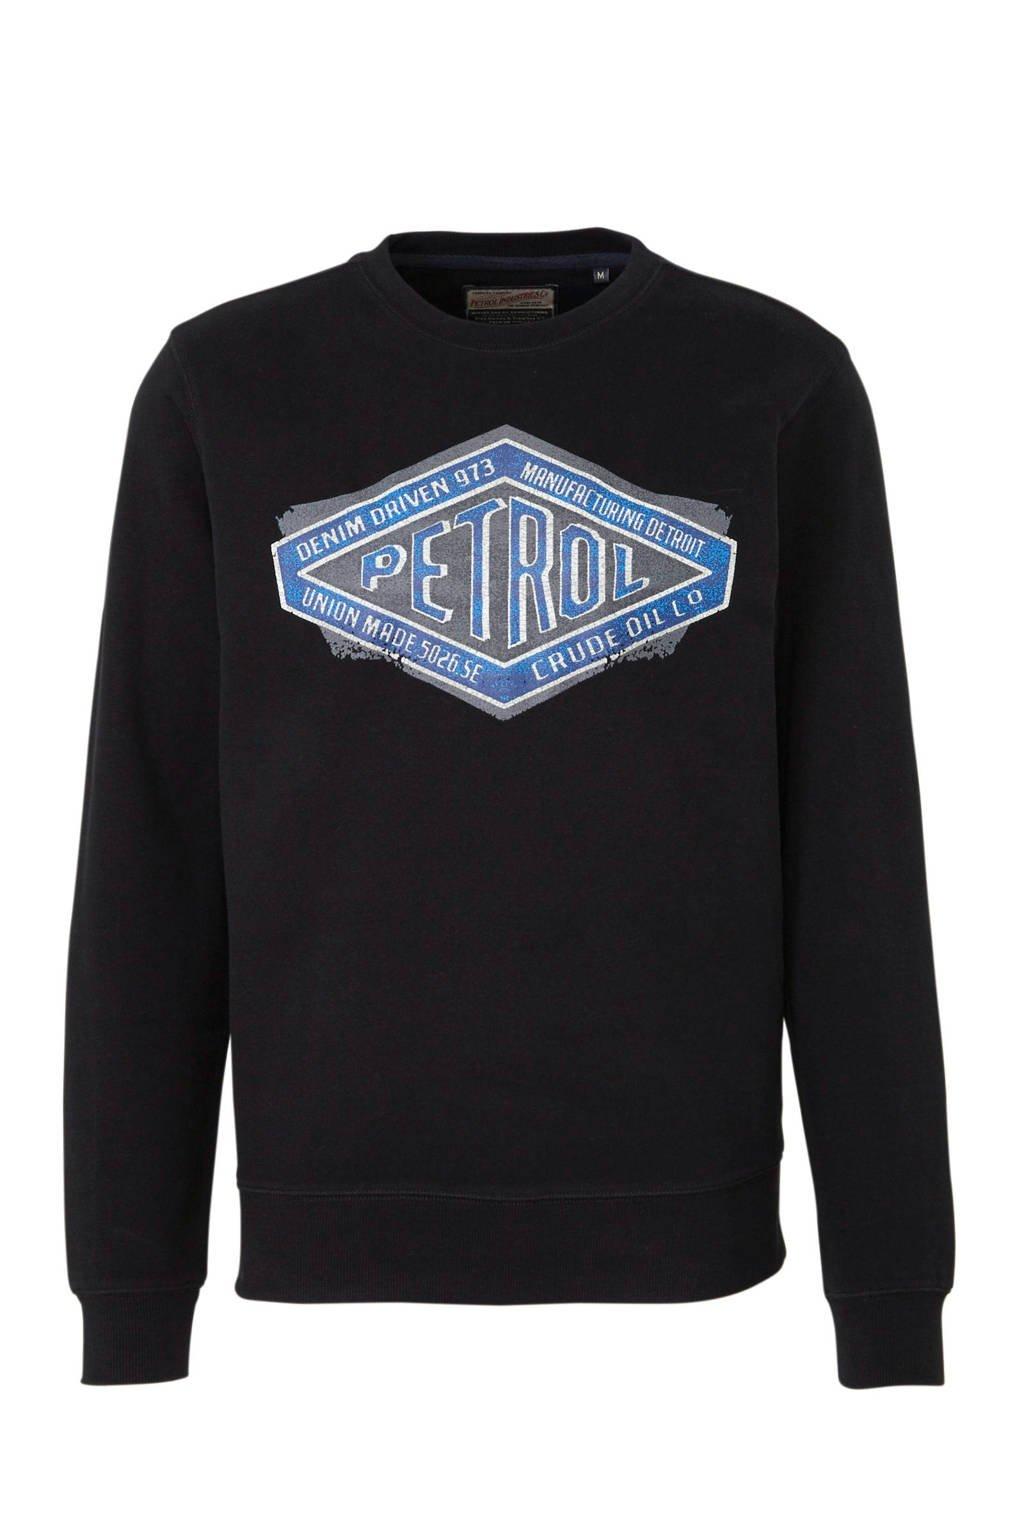 Petrol Industries sweater met printopdruk zwart/blauw/grijs, Zwart/blauw/grijs